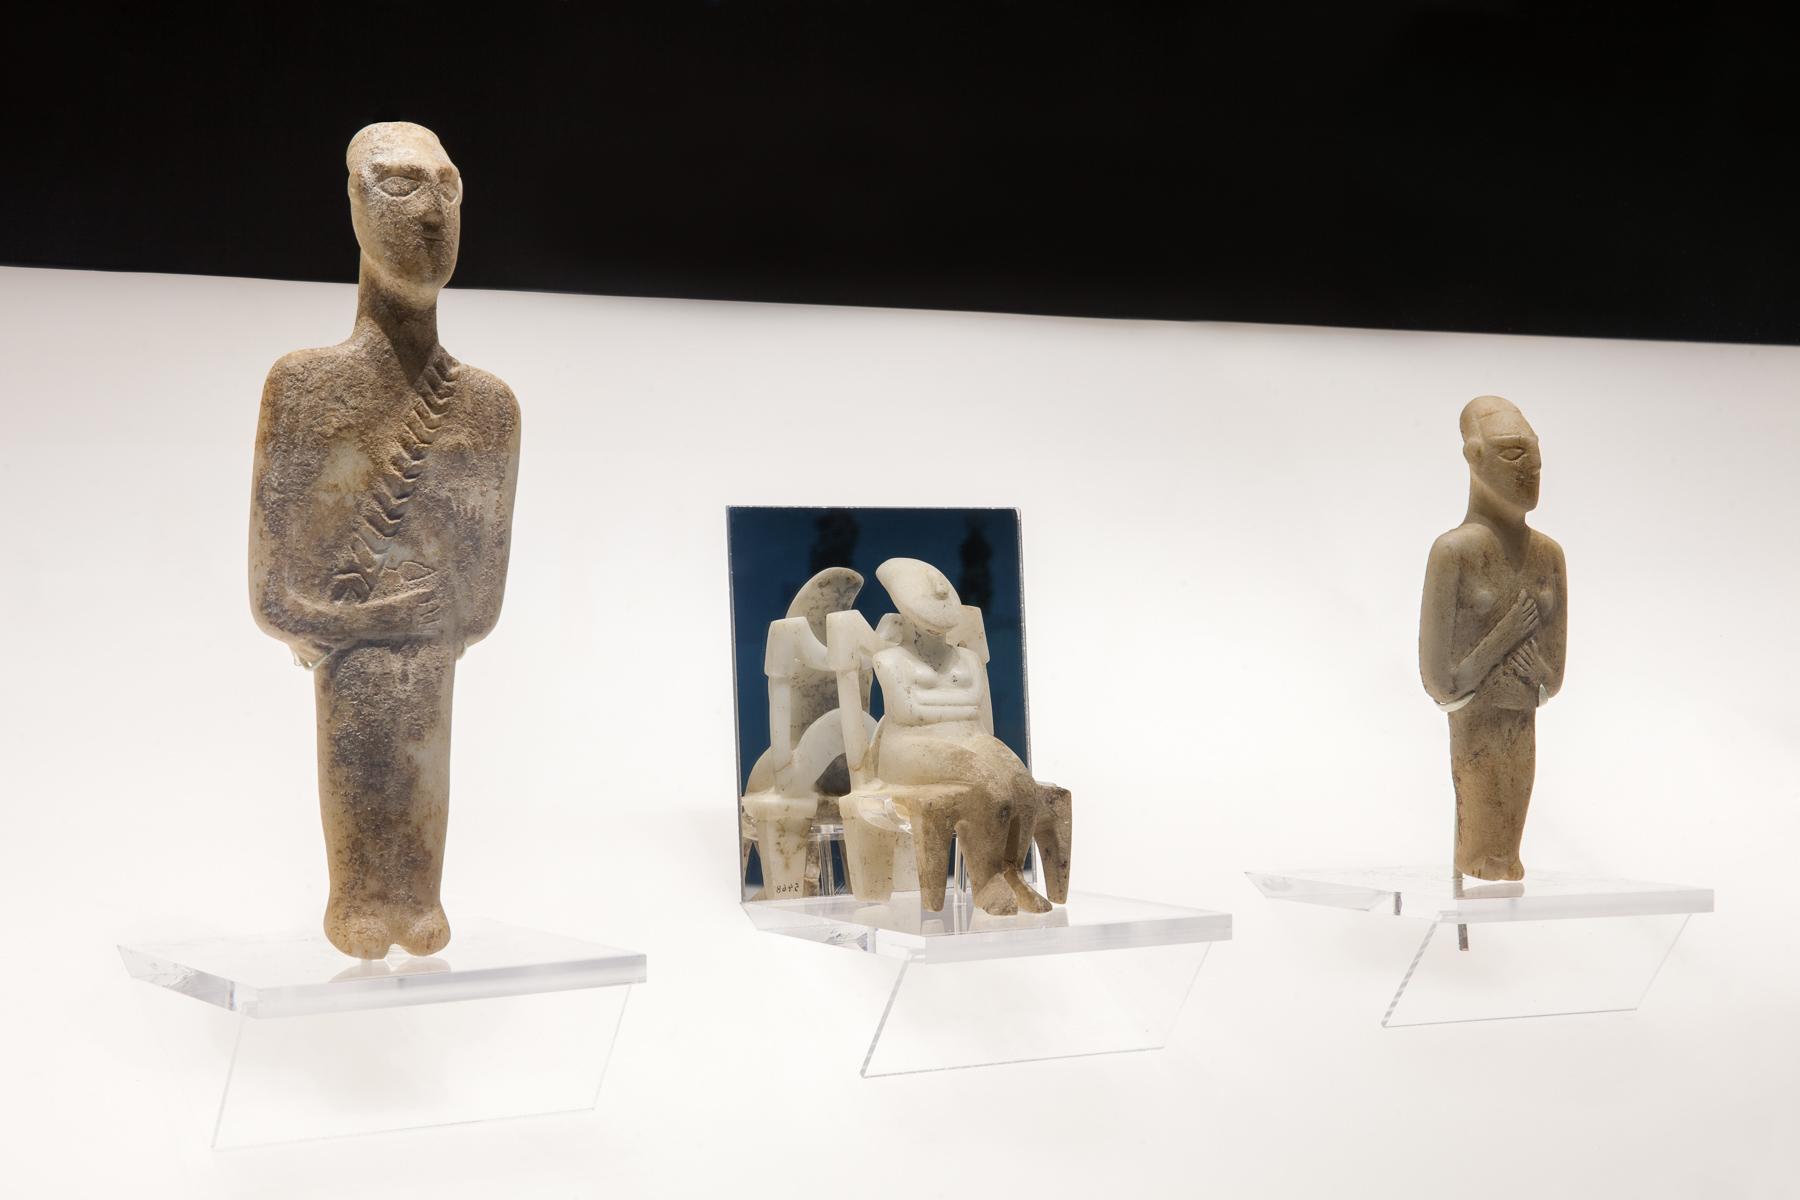 Κυκλαδική Κοινωνία 5000 χρόνια πριν